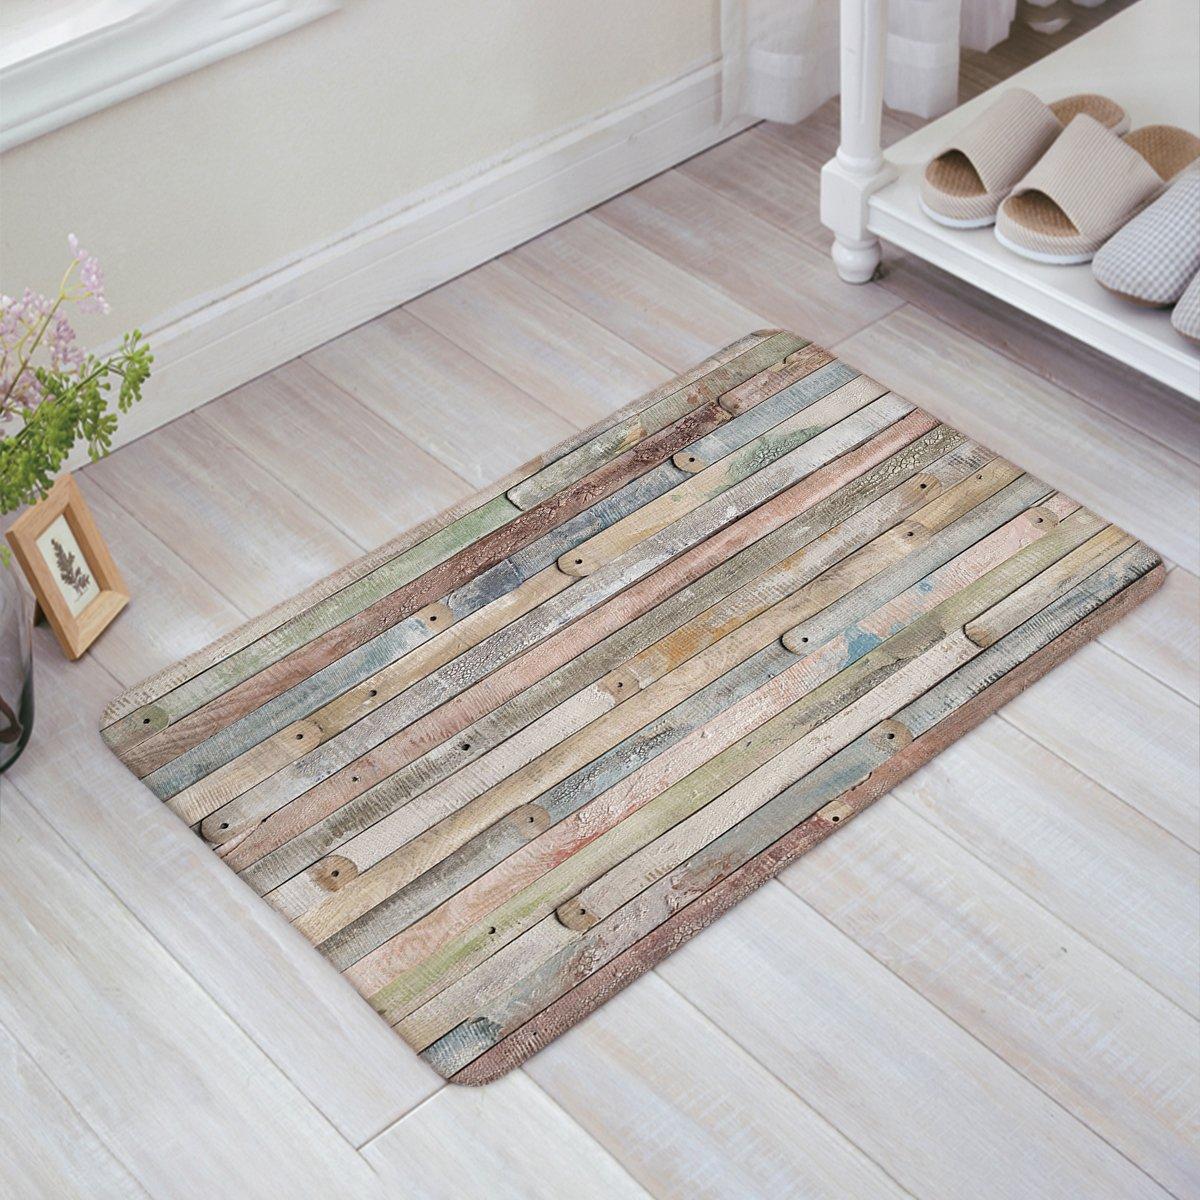 Funny Waterproof Bathroom Doormat Home Decor Welcome Mat Entrance Way Indoor/Outdoor Carpet Toilet Floor Area Rugs, Rustic Old Barn Wood Decorative - 23.6x15.7 Inch